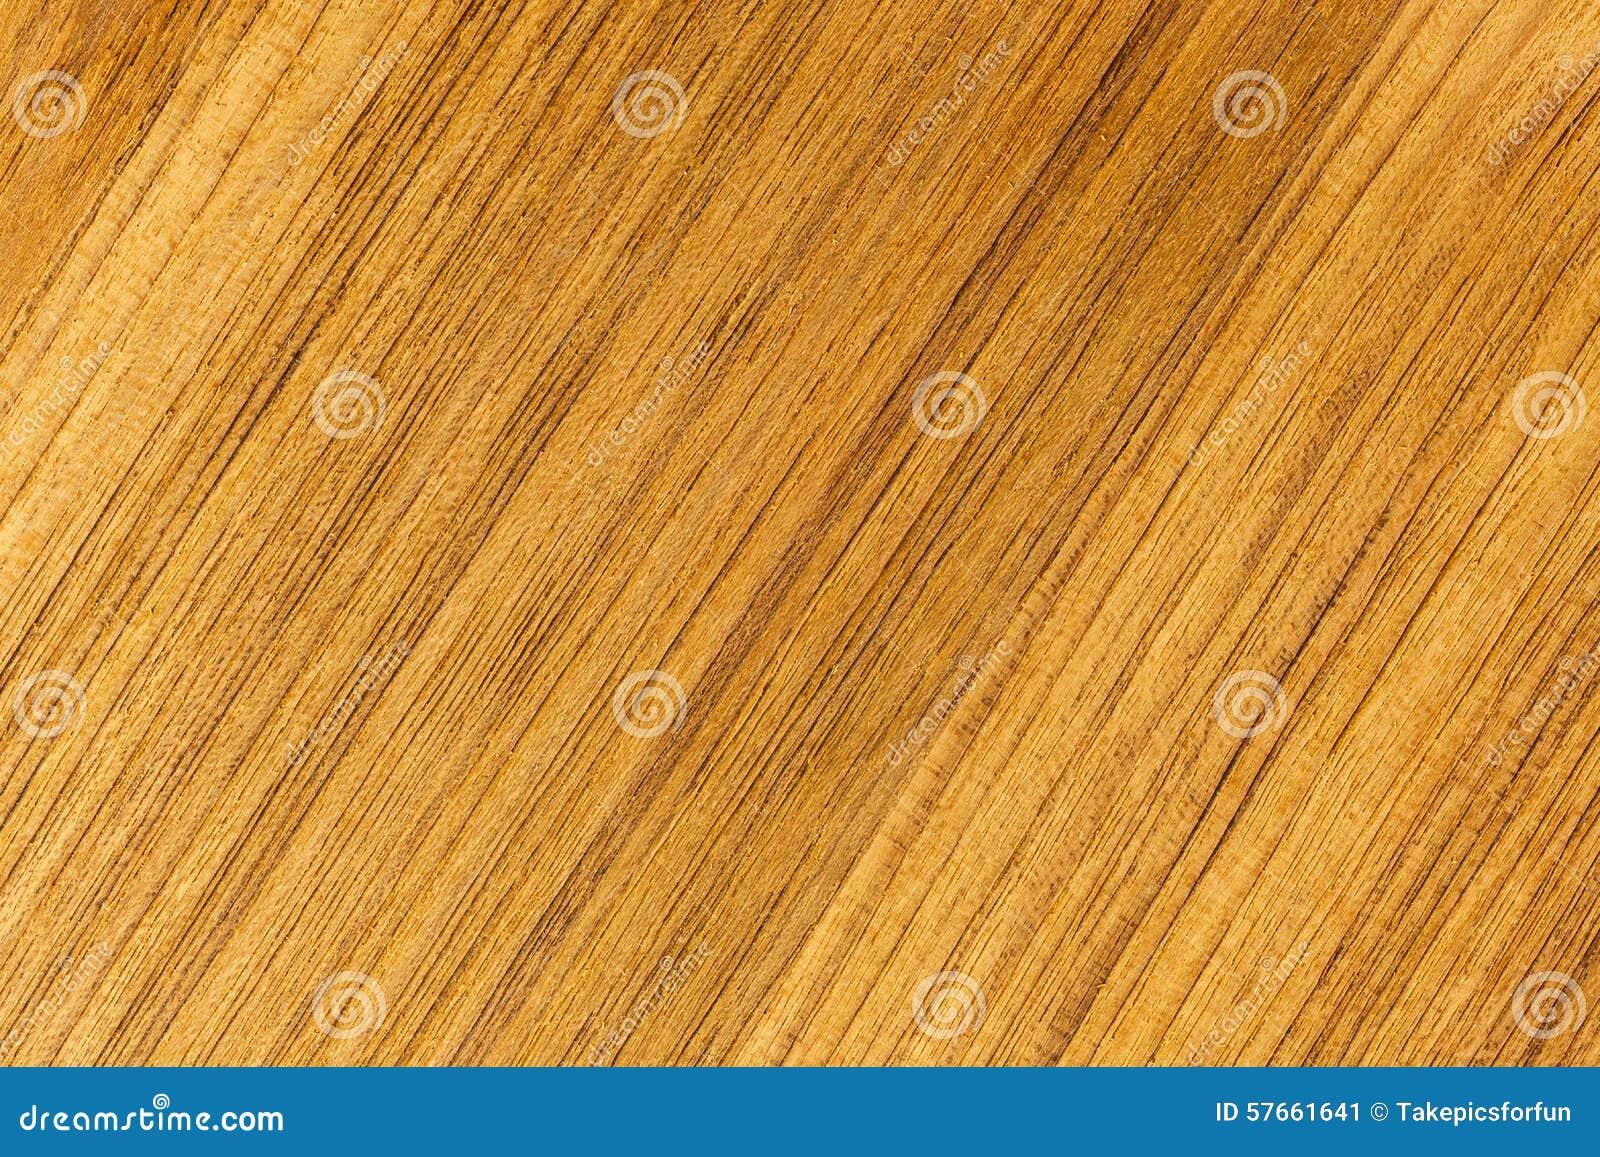 Desek zbliżenia sosnowy tekstury drewno